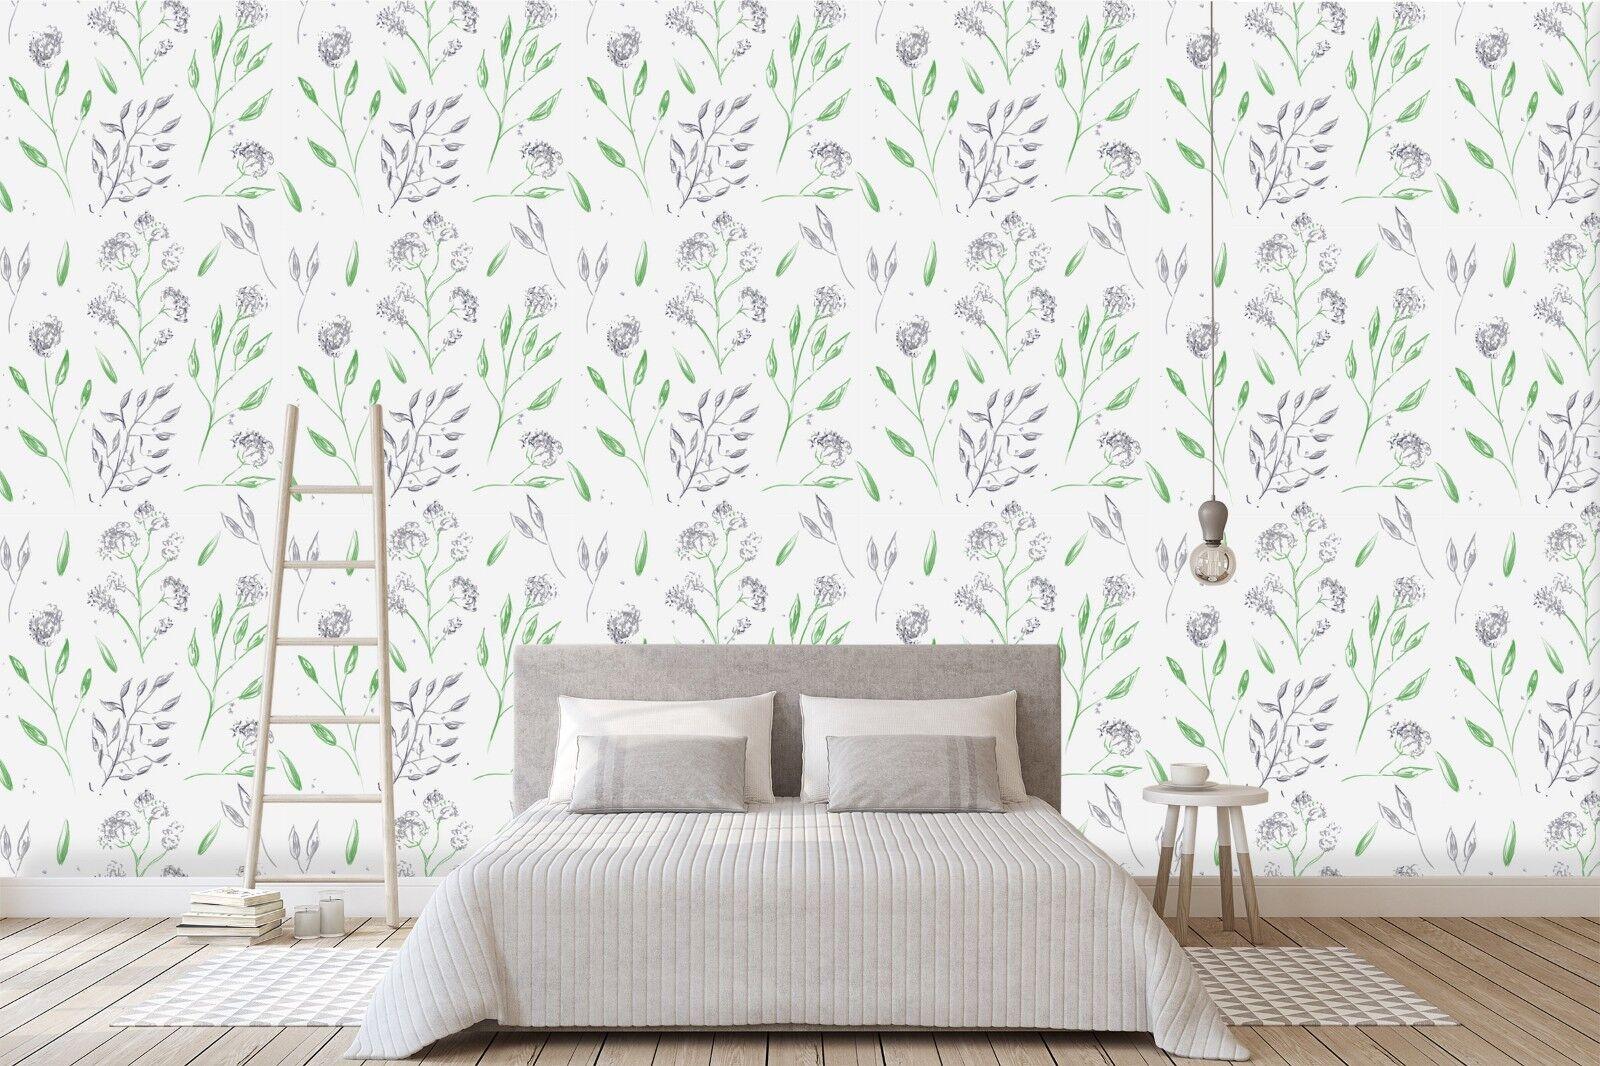 3D Pretty Flowers 3 Wallpaper Mural Print Wall Indoor Wallpaper Murals UK Summer